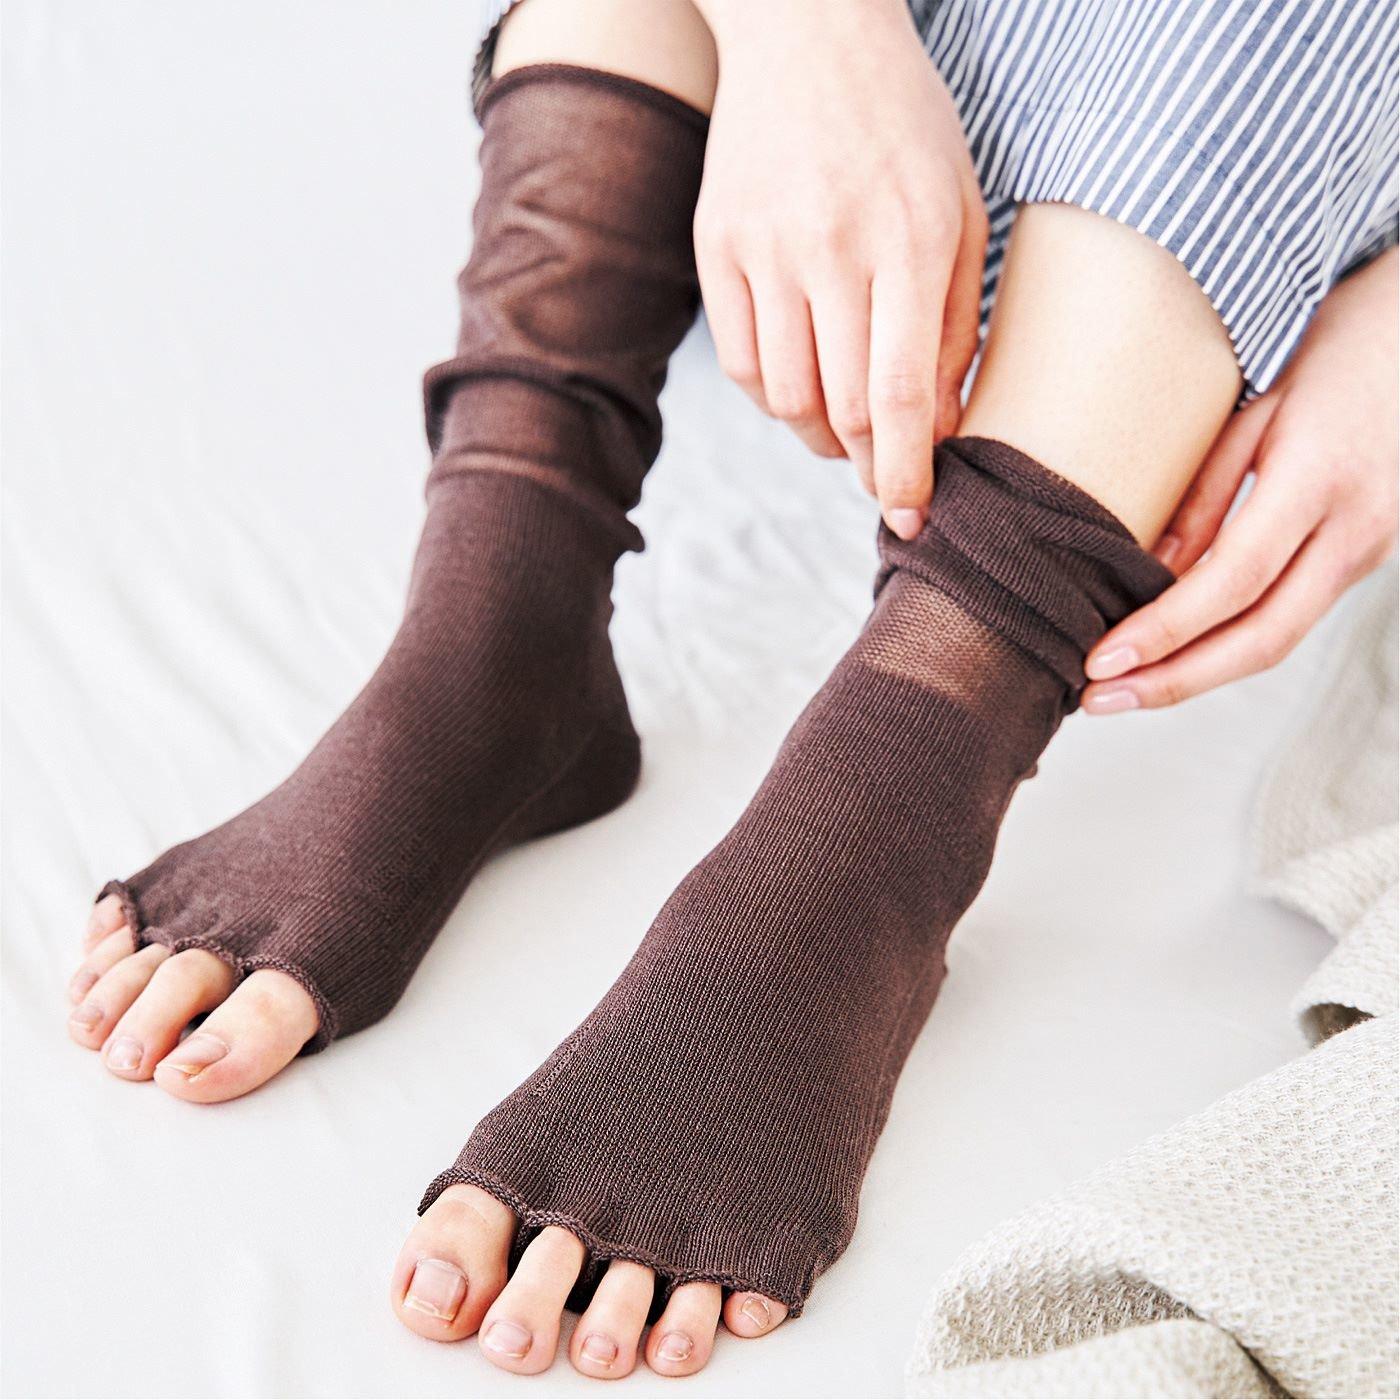 冷えないからだ計画 足の形にフィットする シルクで包み込む おやすみ5本指靴下の会